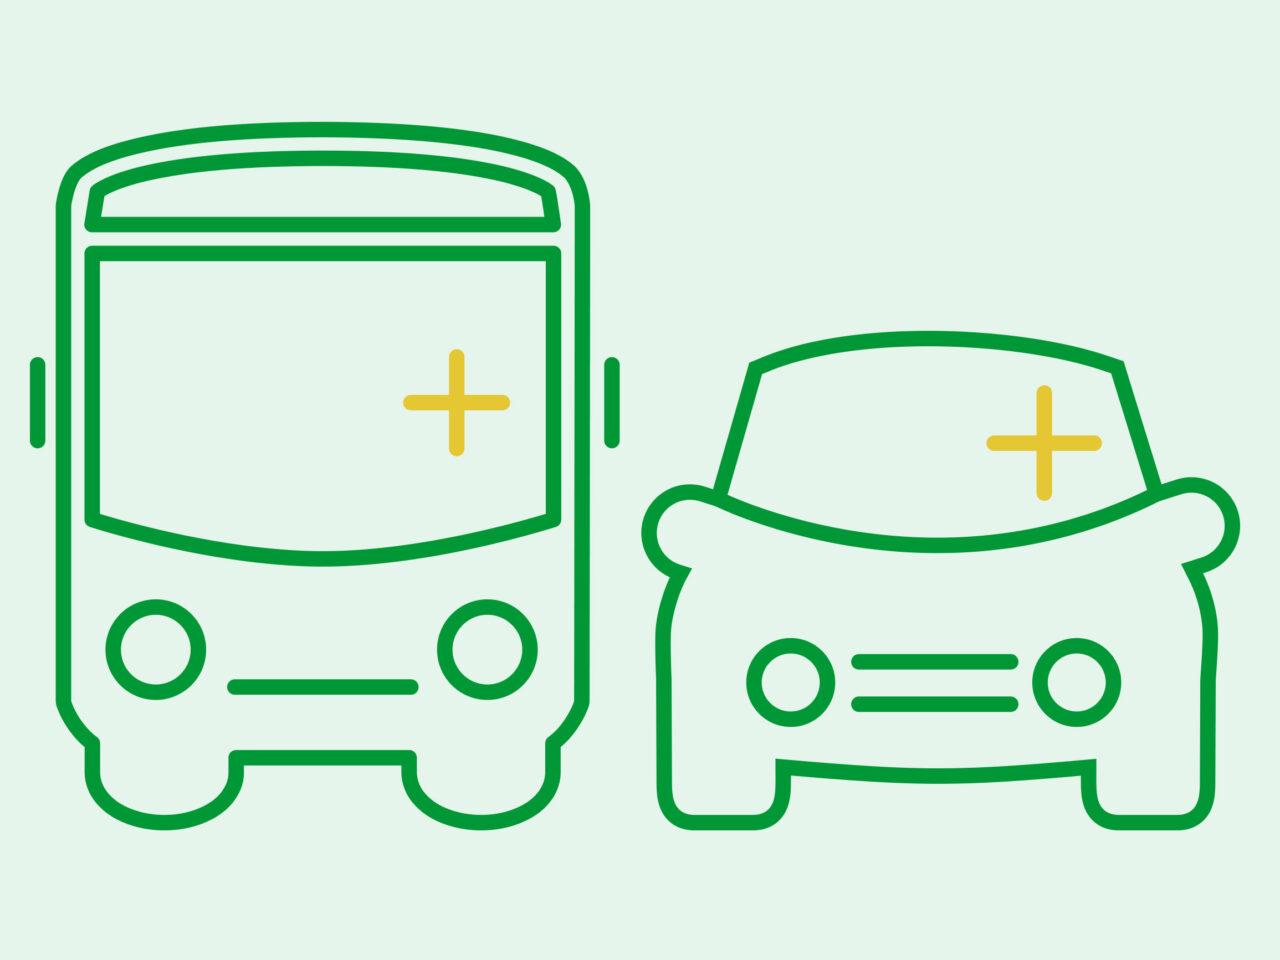 persontransport, persontransport, resa, resor, tåg, buss, taxi, båt, spår, tunnelbana, kollektivtrafik, trafik, ikon, miljömärkning